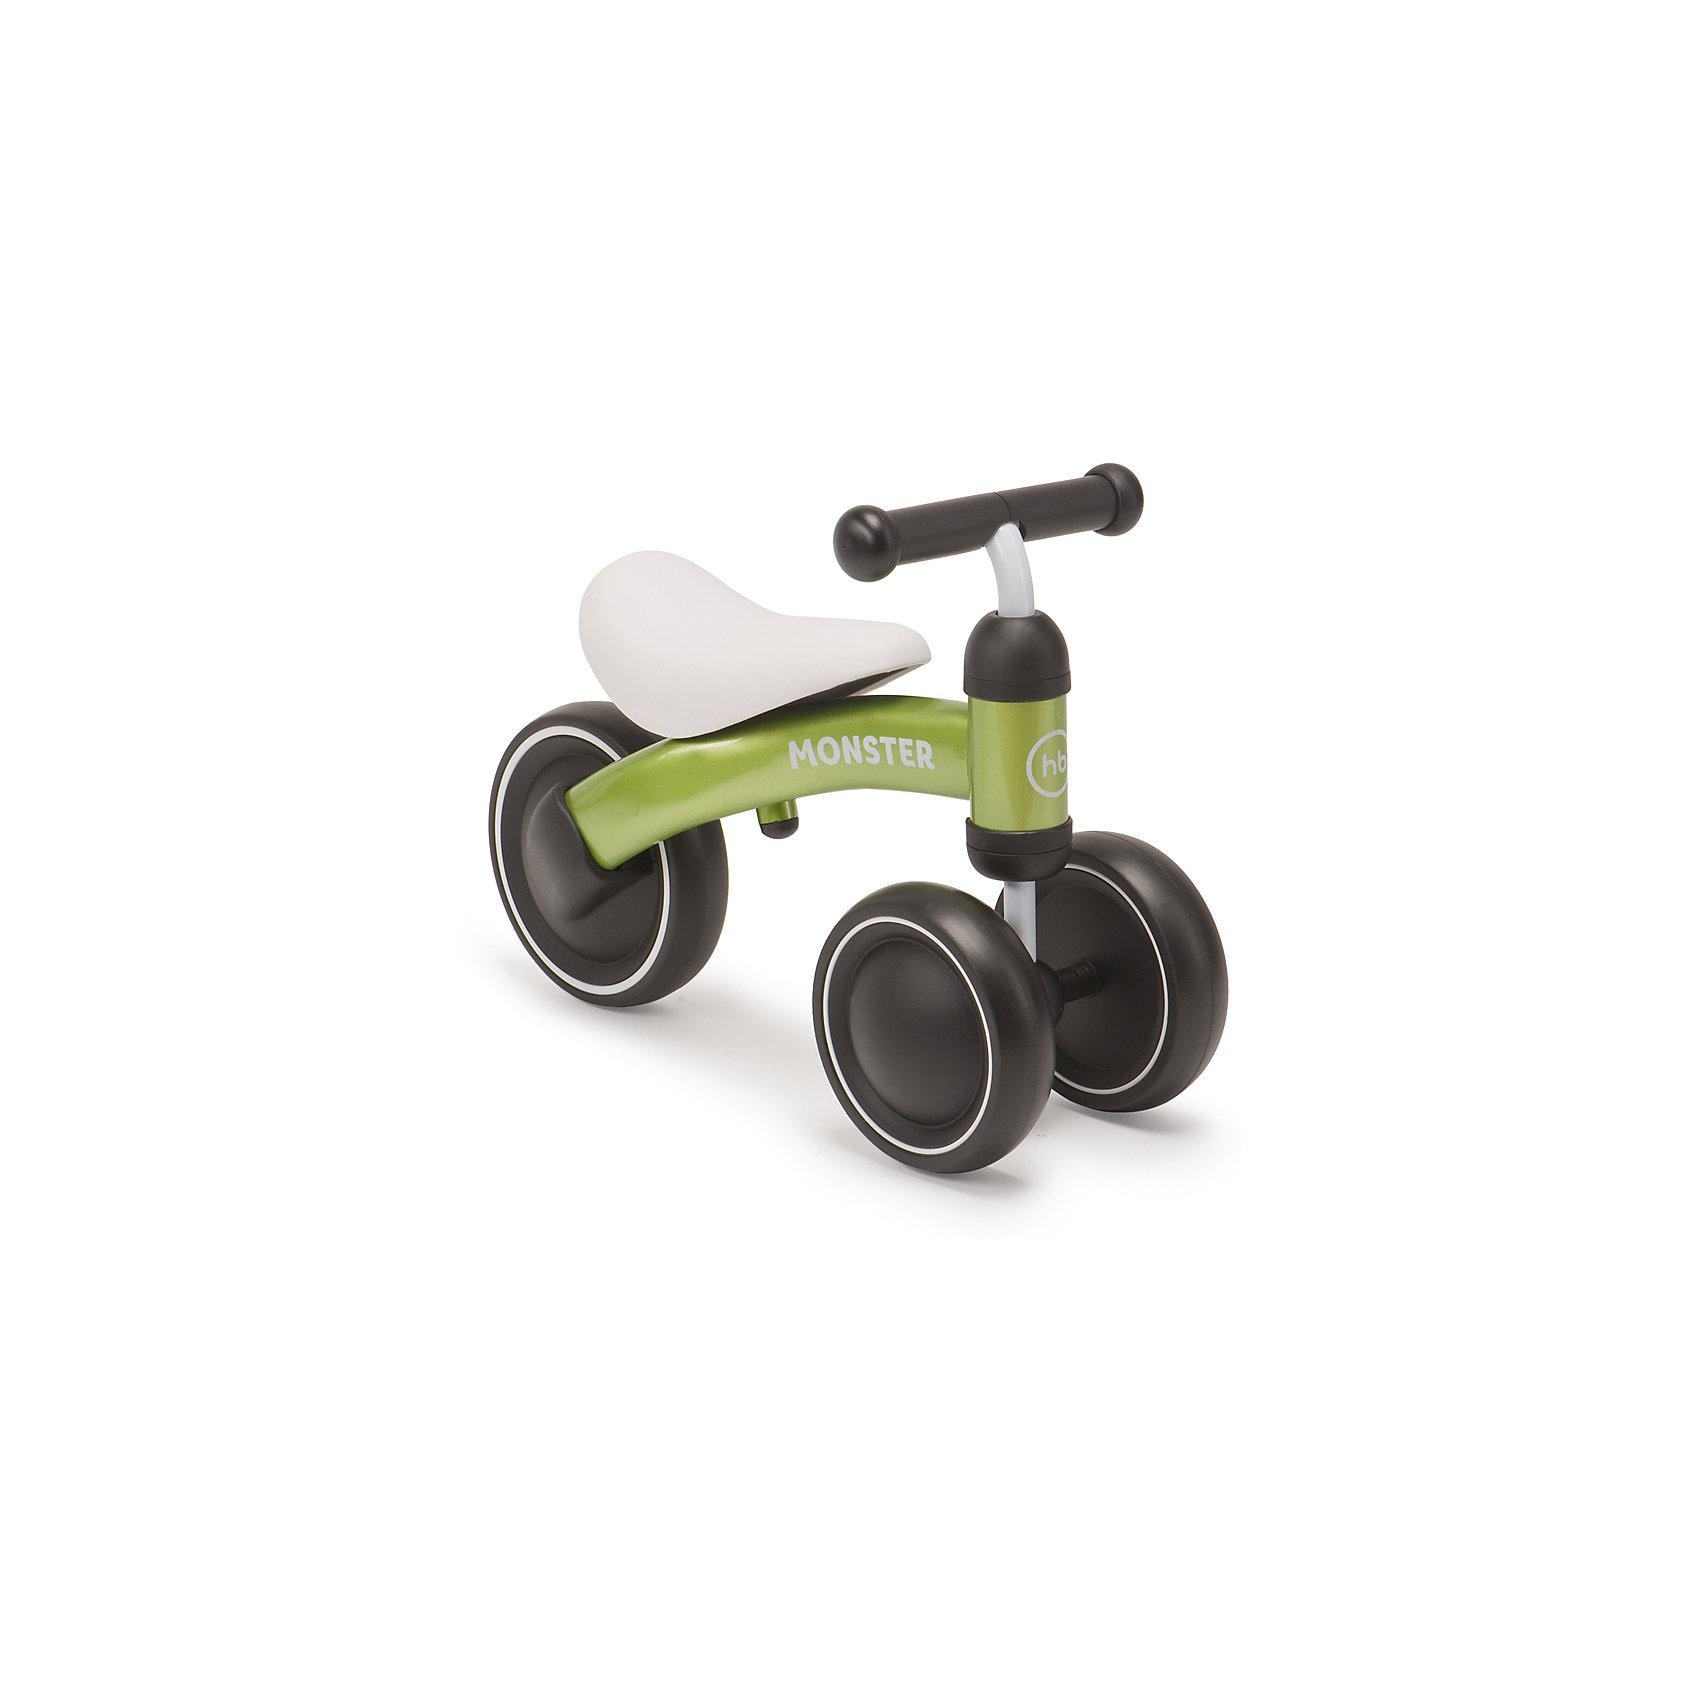 Трехколёсный беговел NEO, зеленый, Happy BabyБеговелы<br>Характеристики товара:<br><br>• возраст от 1 года<br>• максимальная нагрузка до 20 кг<br>• рост ребенка 78-95 см<br>• цвет зеленый<br>• материал: сталь, пластик, полиуретан<br>• стальная рама<br>• бесшумные колёса<br>• высота сидения 24 см<br>• высота руля 34 см<br>• длина беговела 45 см<br>• вес беговела 1,8 кг<br>• размер упаковки 47х25х17 см<br>• вес упаковки 2,2 кг<br>• страна производитель: Китай<br><br>Трехколесный беговел «NEO», зеленый, Happy Baby разработан специально для самых маленьких детей, которые только учатся кататься на транспортном средстве. Благодаря 2 передним колесам беговел хорошо сохраняет устойчивость и не опрокидывается. Малыш учится кататься, отталкиваясь ножками, сохранять равновесие и координировать движения. <br><br>Рама беговела изготовлена из прочной стали. Большие колеса обеспечивают бесшумную езду.<br><br>Трехколесный беговел «NEO», зеленый, Happy Baby можно приобрести в нашем интернет-магазине.<br><br>Ширина мм: 470<br>Глубина мм: 170<br>Высота мм: 250<br>Вес г: 2200<br>Возраст от месяцев: 12<br>Возраст до месяцев: 36<br>Пол: Унисекс<br>Возраст: Детский<br>SKU: 5527347